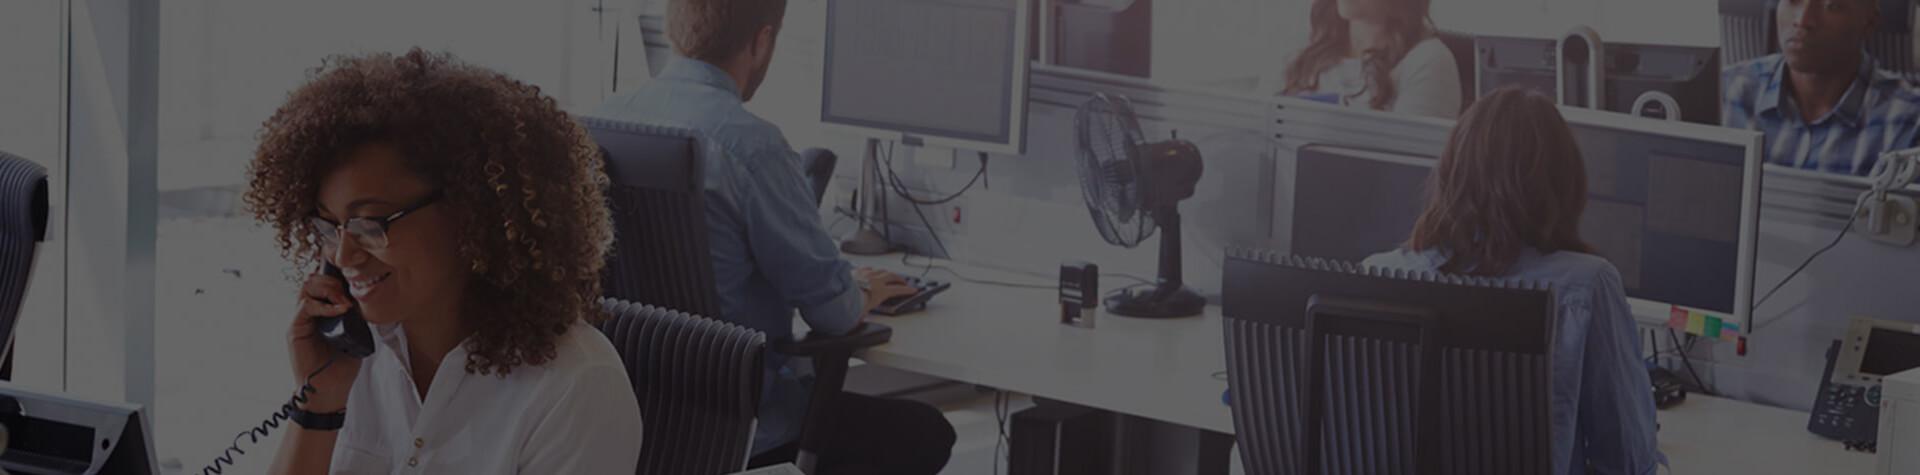 Kodak Alaris digitalización inteligente el siguiente paso tecnológico